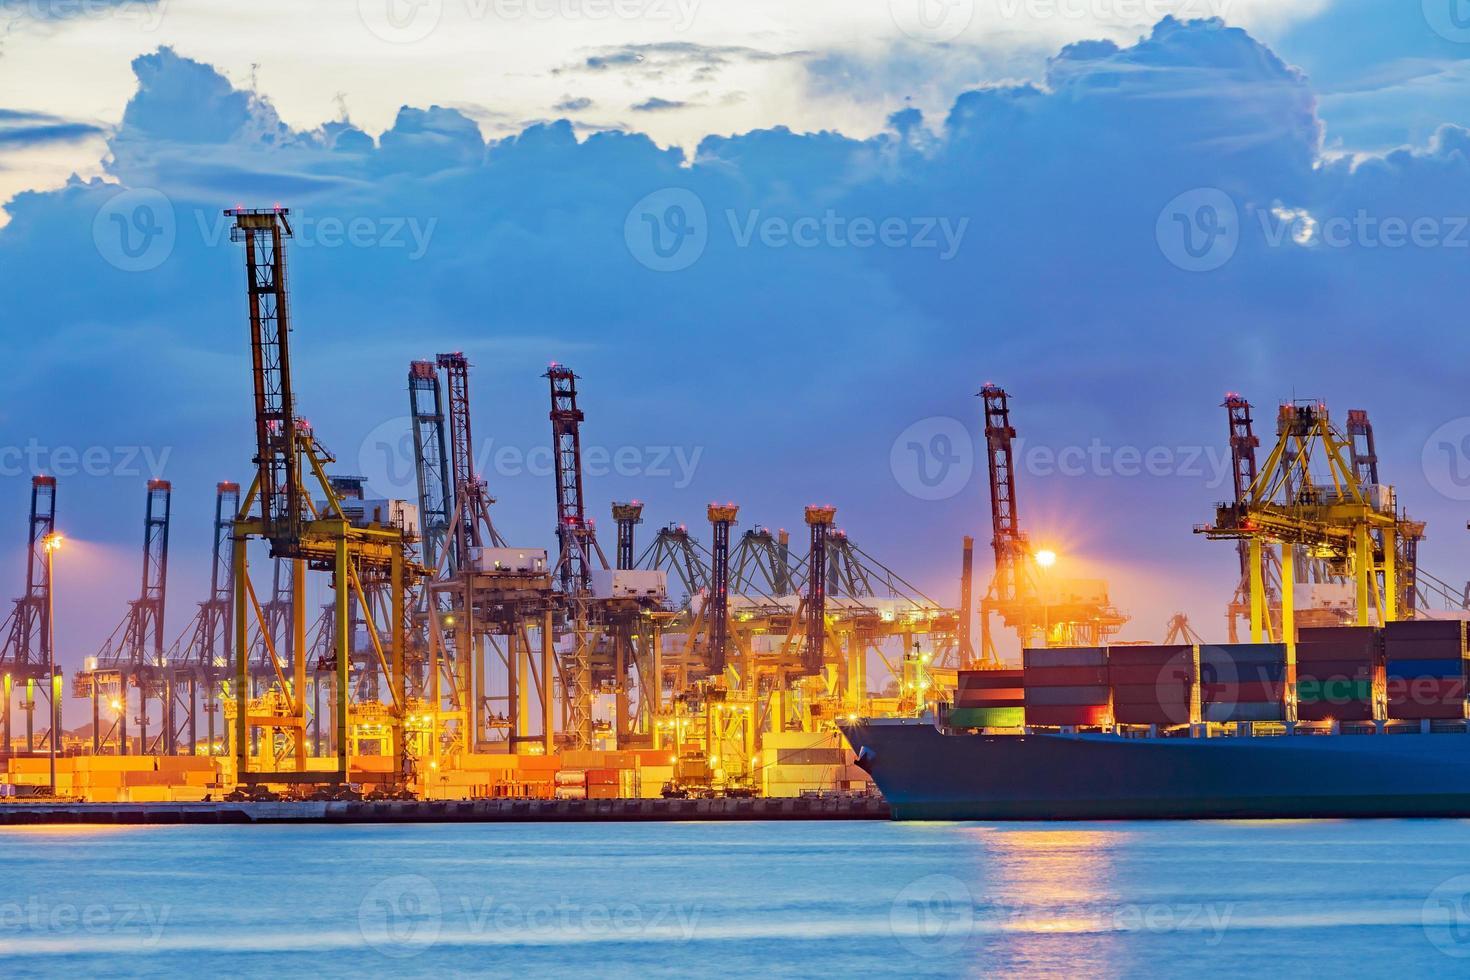 vrachtschip dat lading laadt bij laaddok op schemertijd. foto